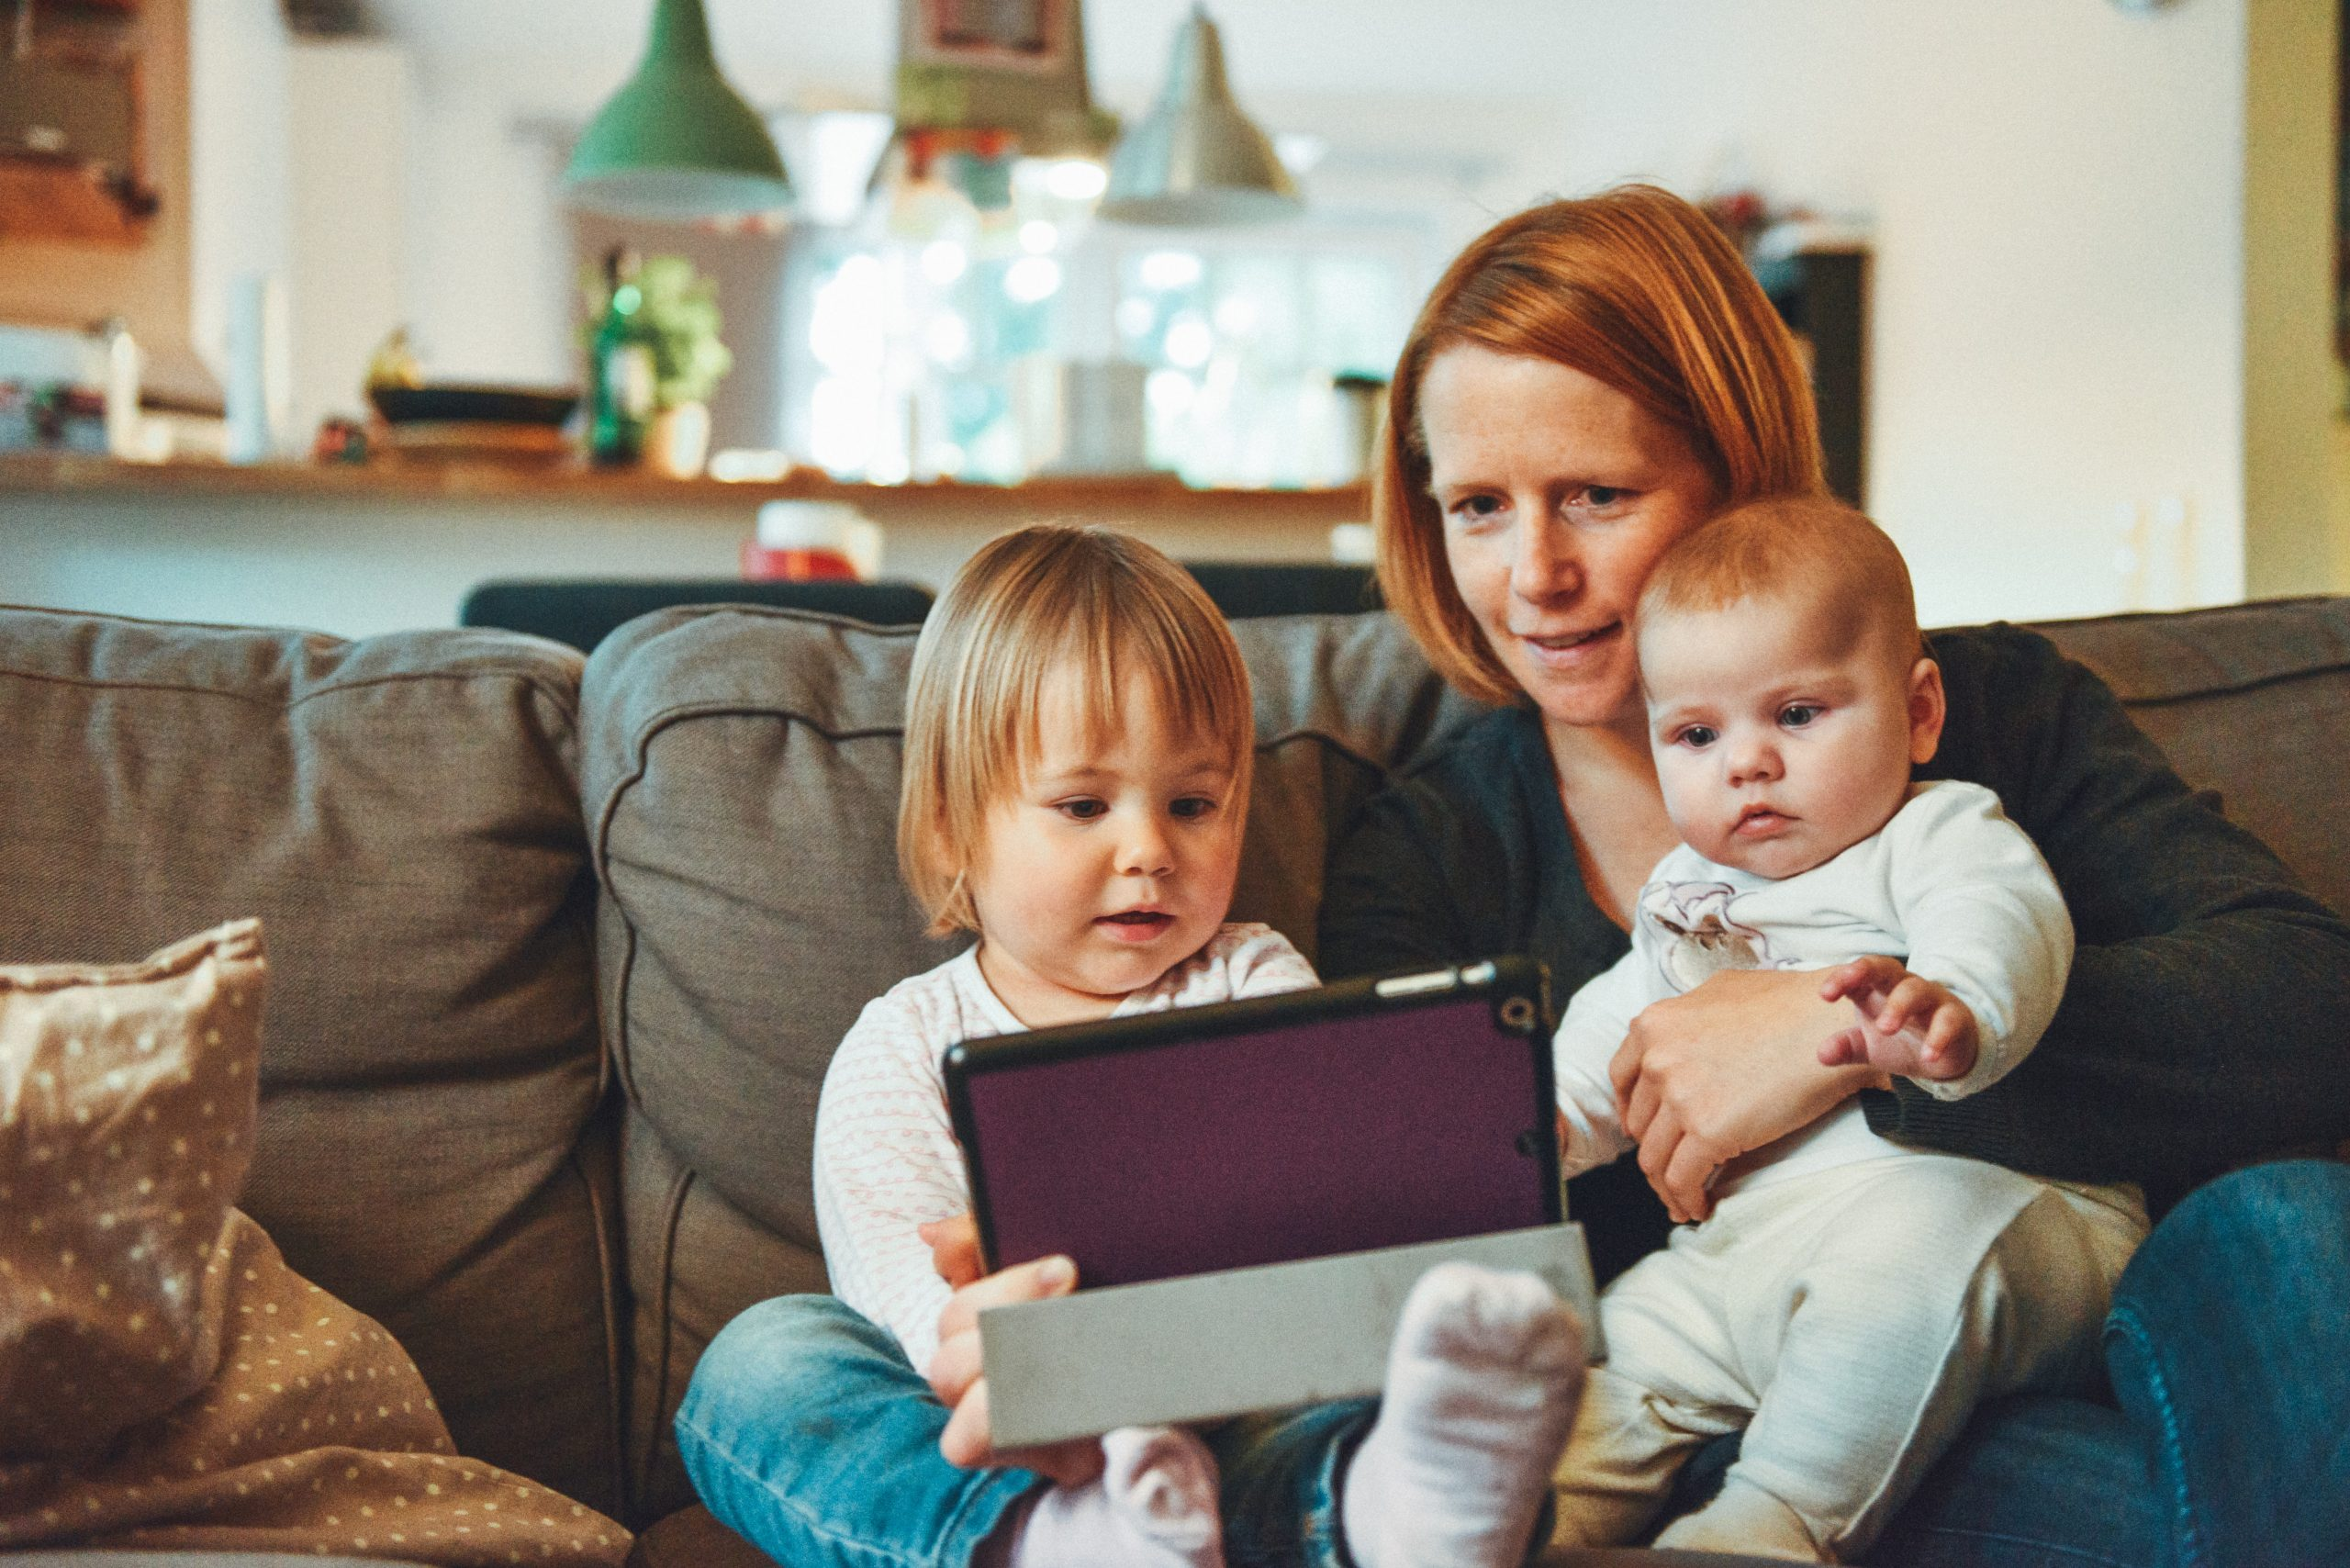 mum and her kids